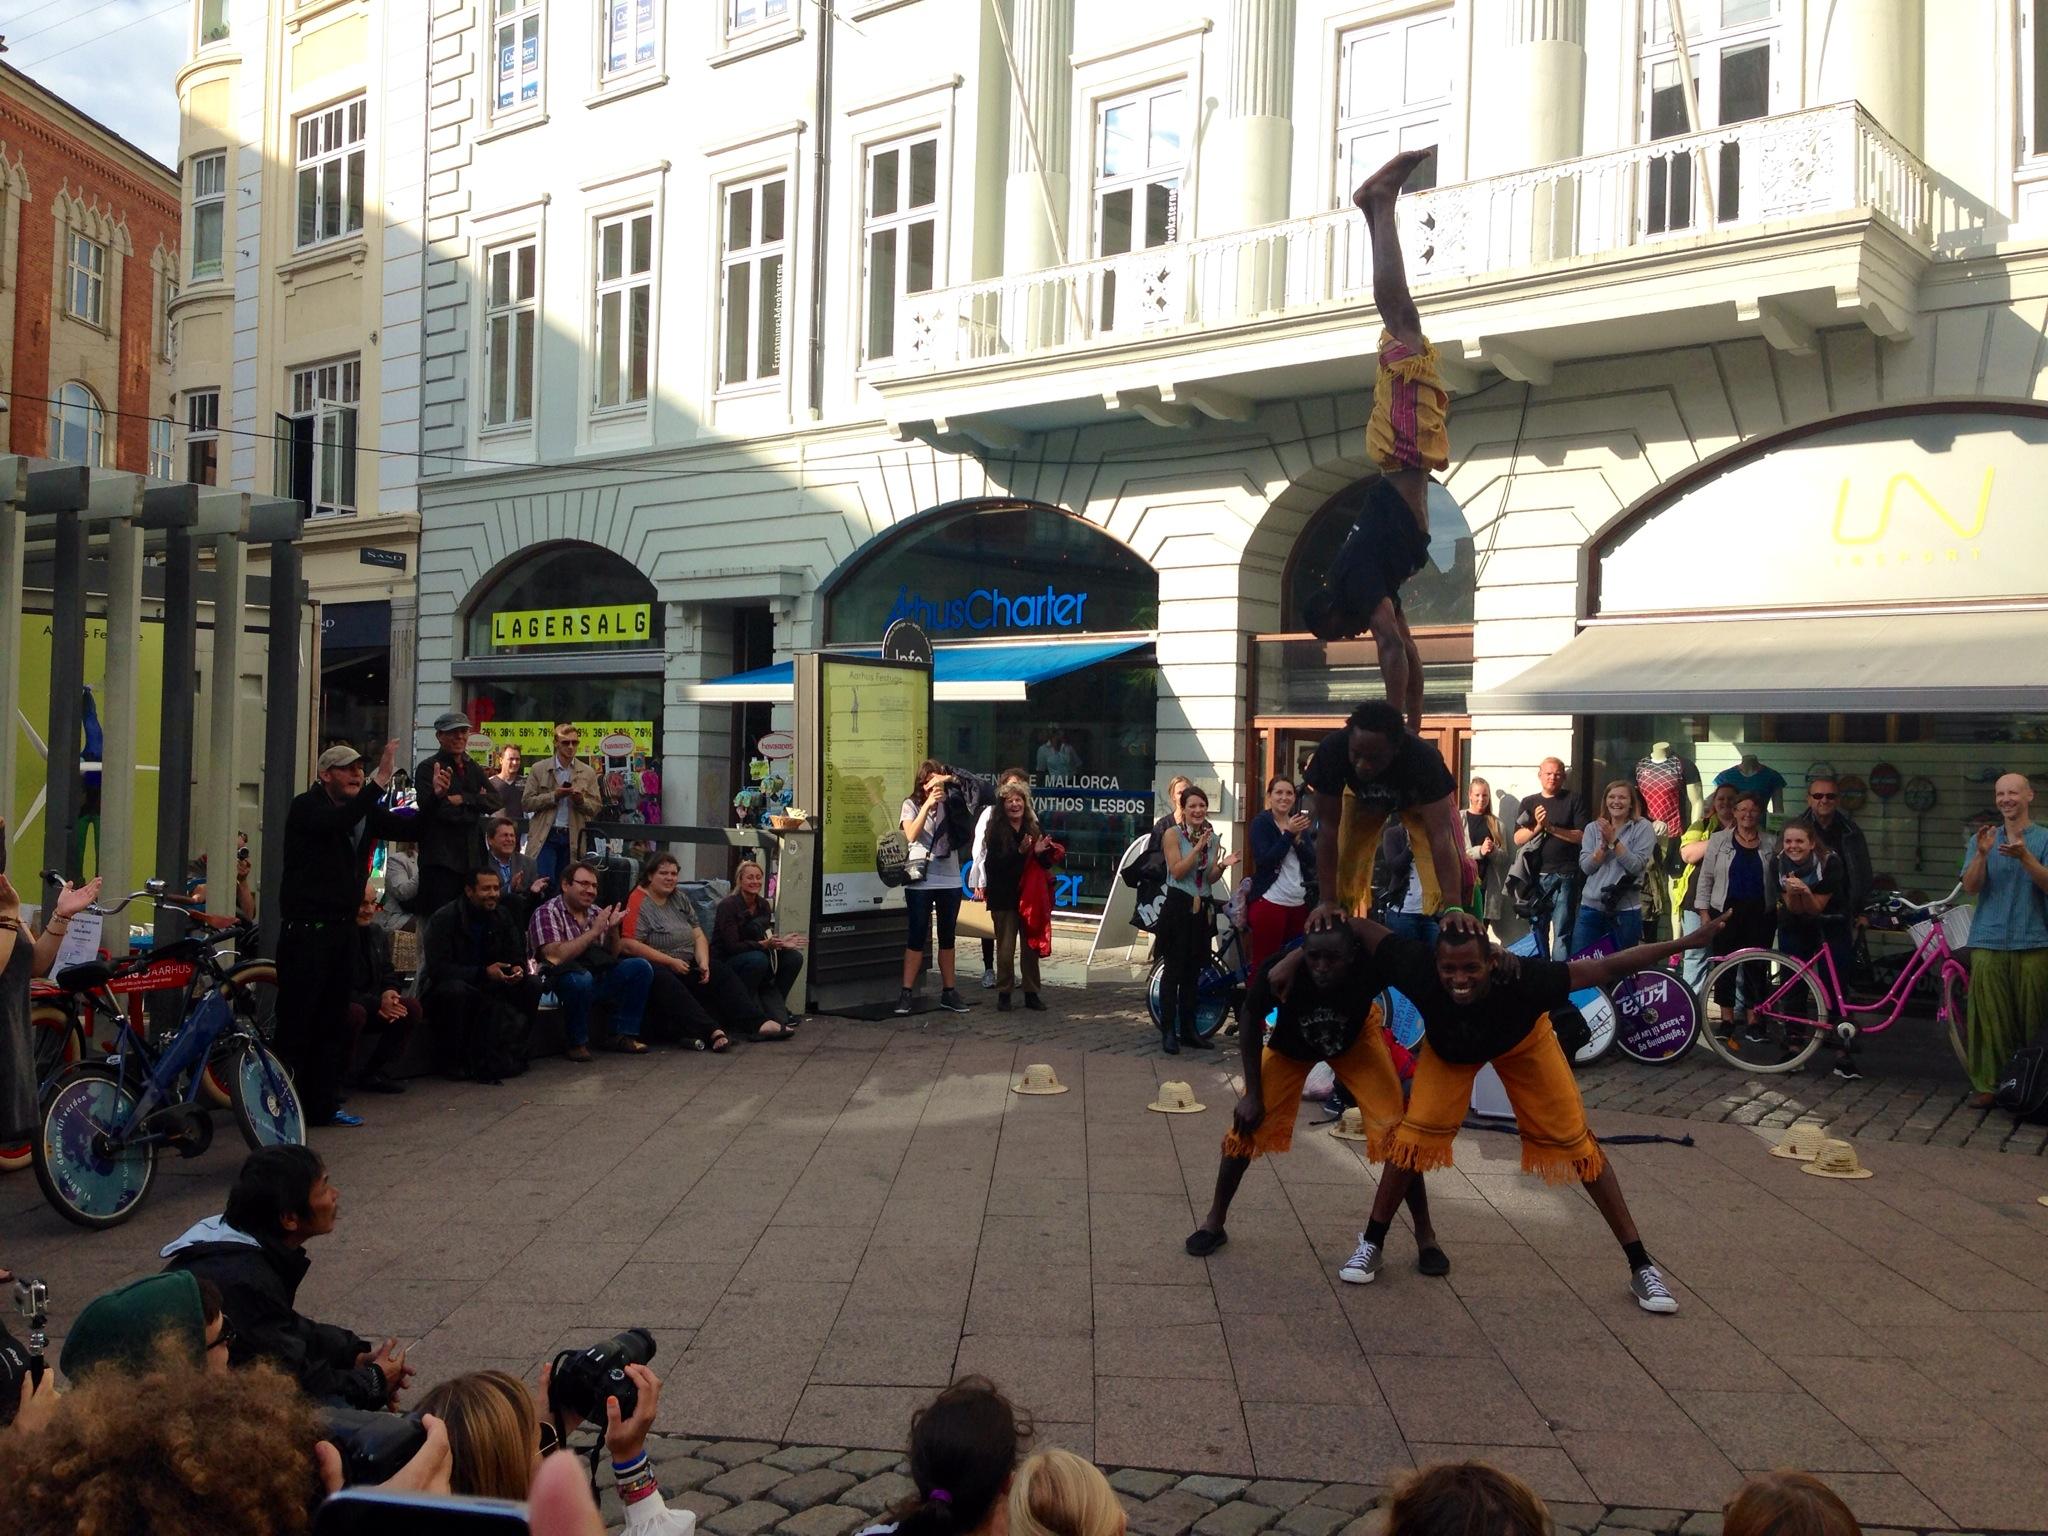 Aarhus The Worlds Smallest Metropolis Discover Scandinavia